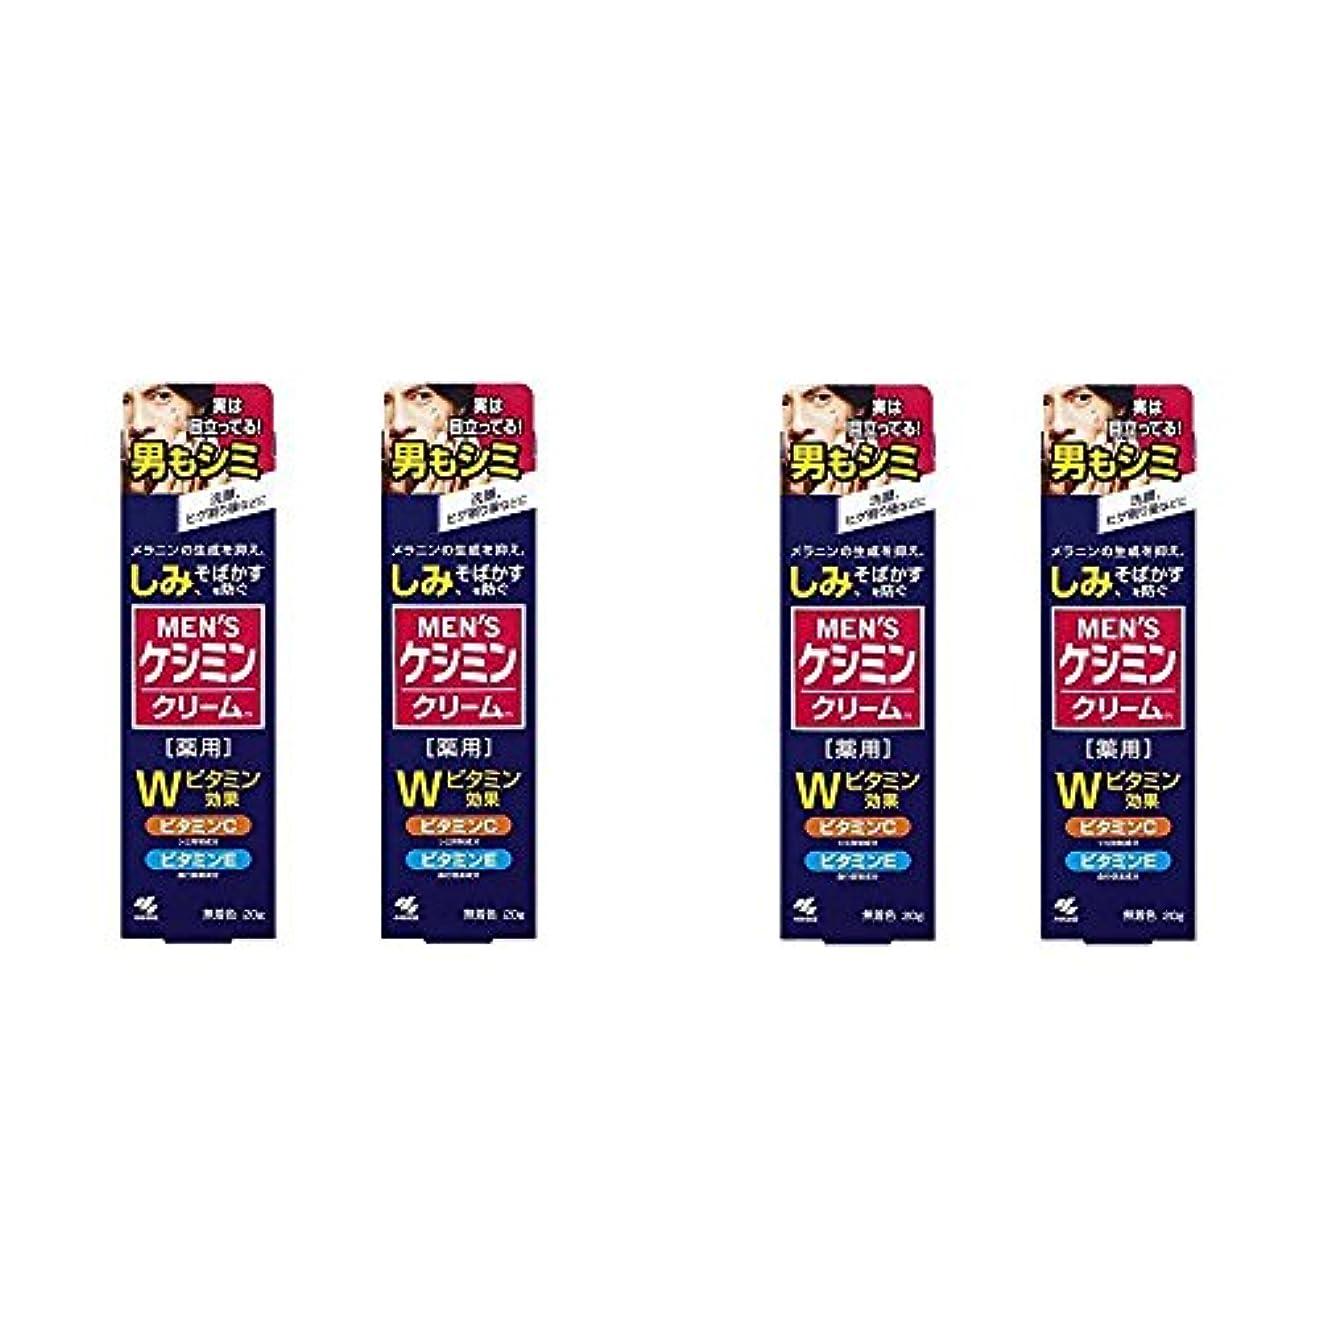 クレデンシャルハング守る【セット品】メンズケシミンクリーム 男のシミ対策 20g (4個)